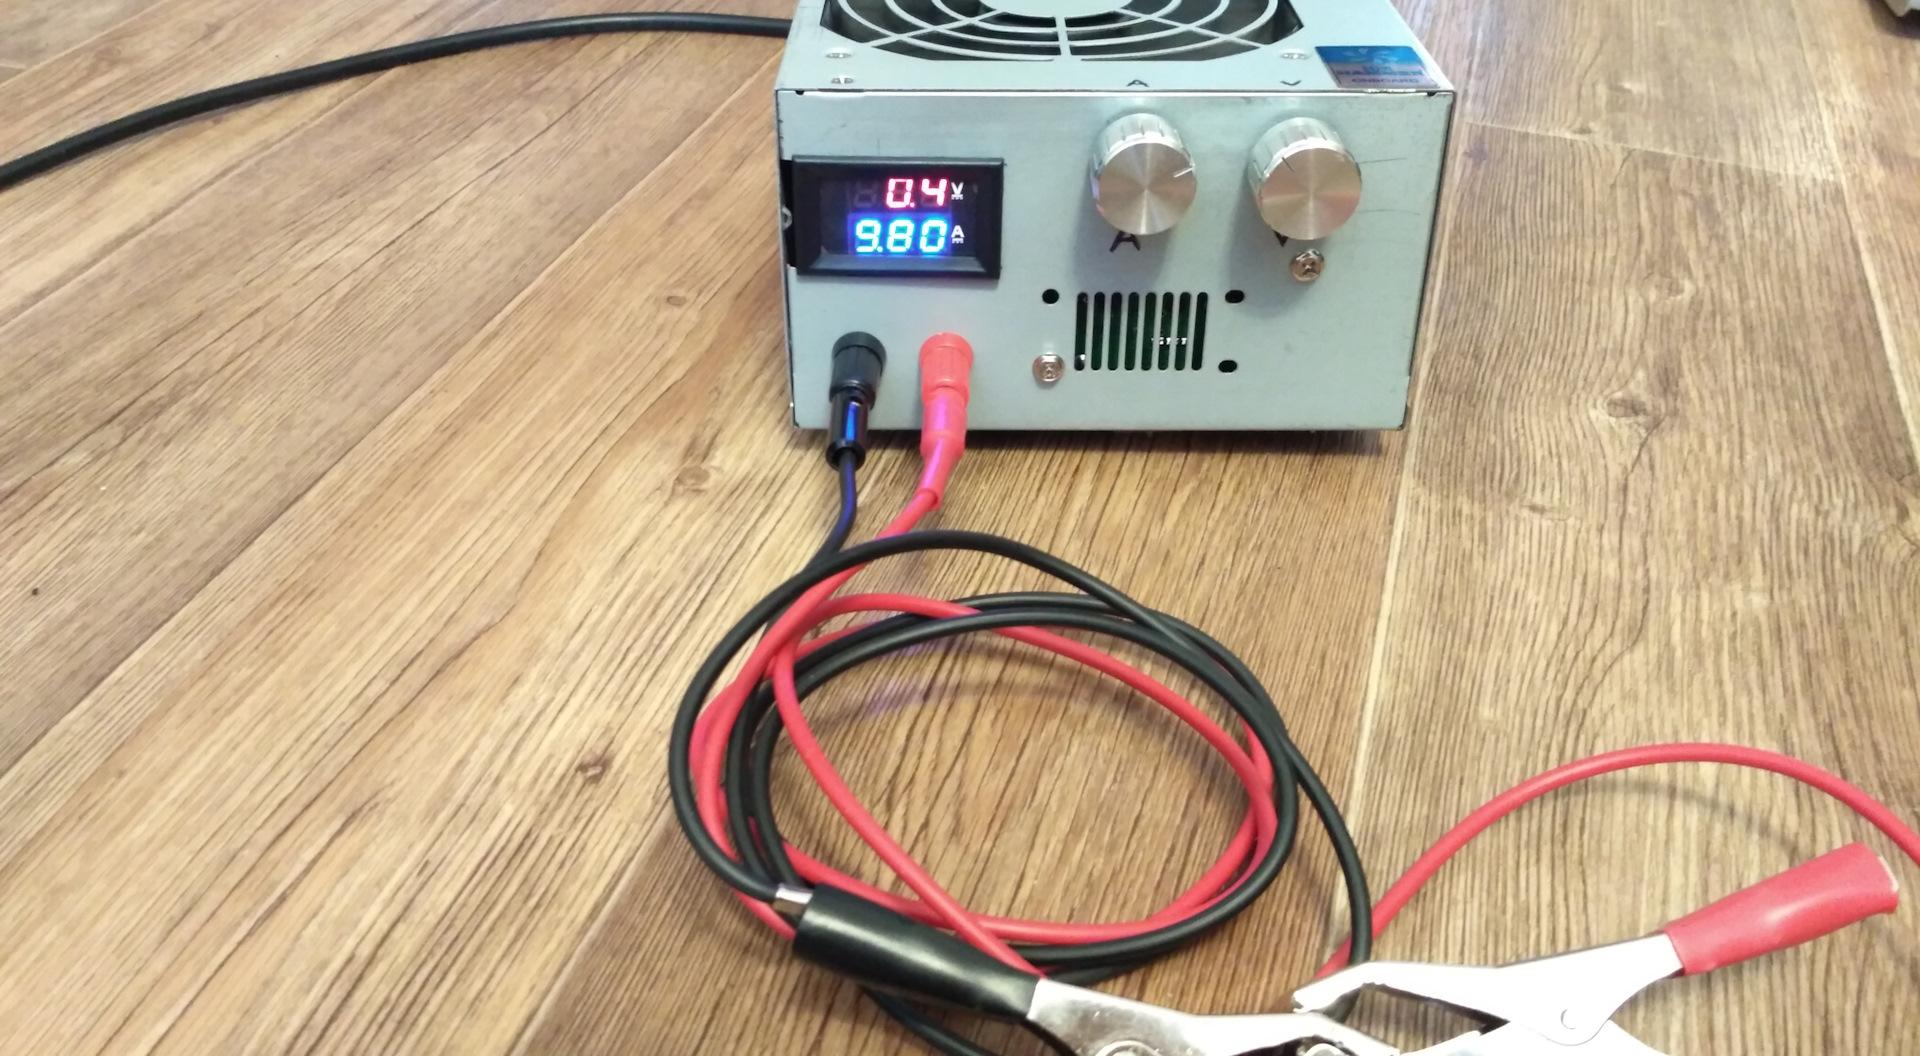 Как сделать зарядное устройство для автомобильного аккумулятора из бп компьютера: схема и видео, как переделать блок питания в зарядку акб автомобиля